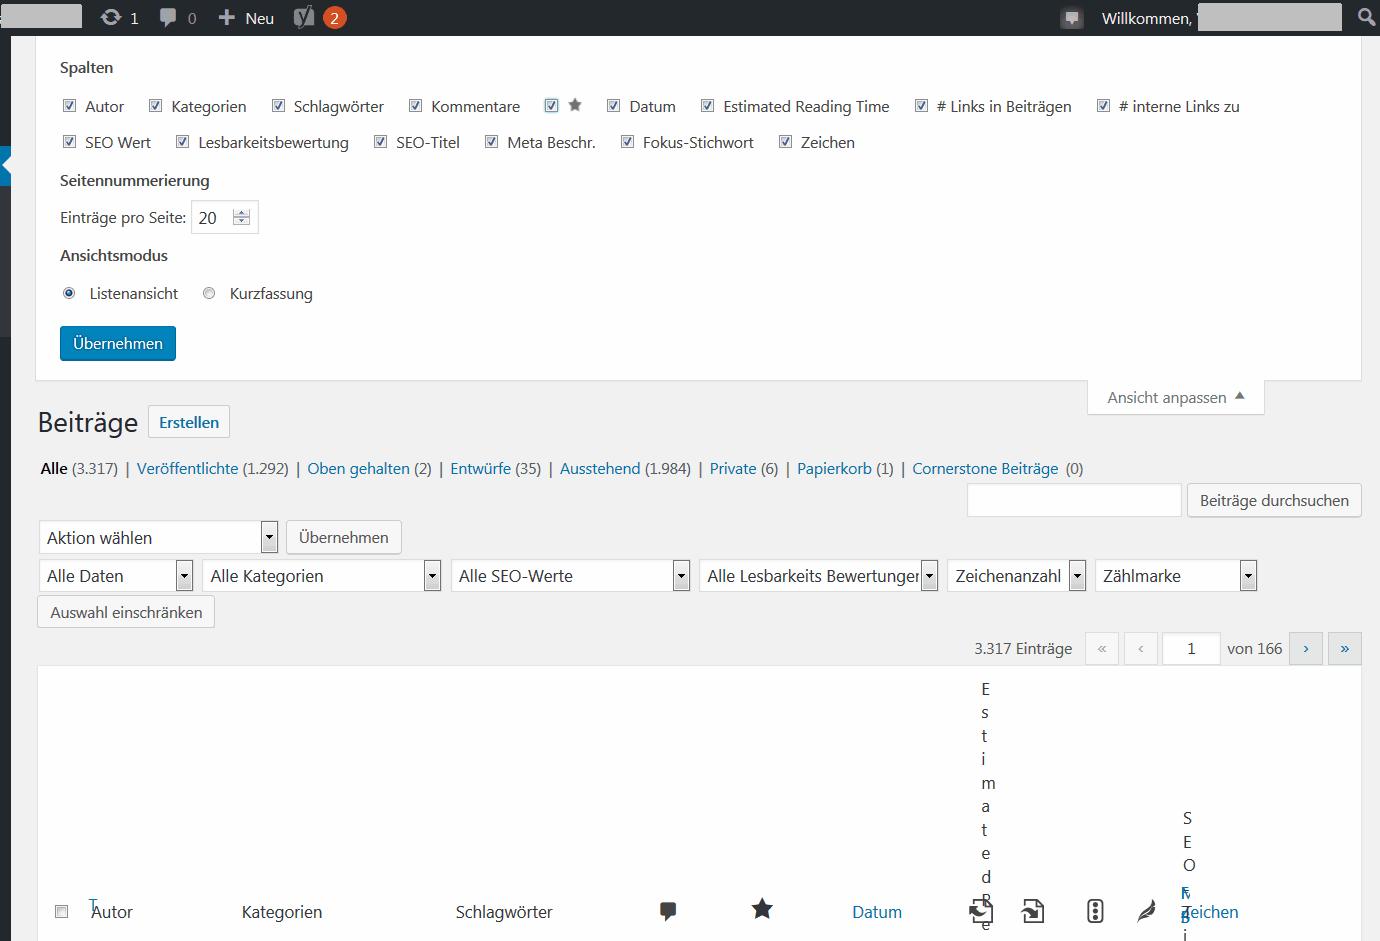 Die Ansicht über alle Beiträge in WordPress-Backend ist zerschossen